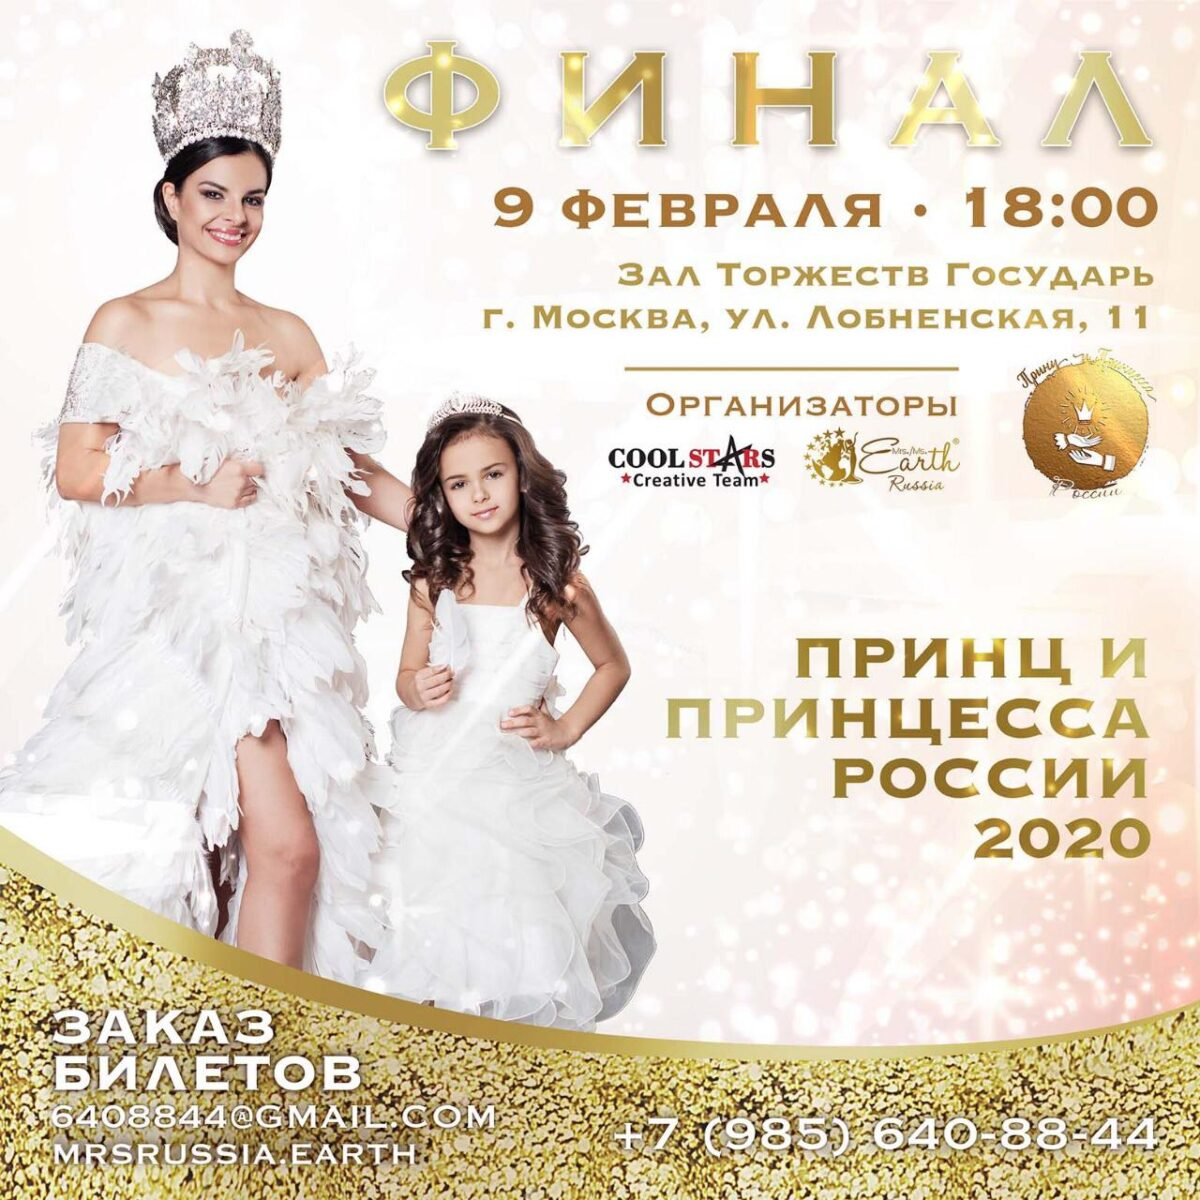 КОНКУРС «ПРИНЦ И ПРИНЦЕССА РОССИИ 2020»